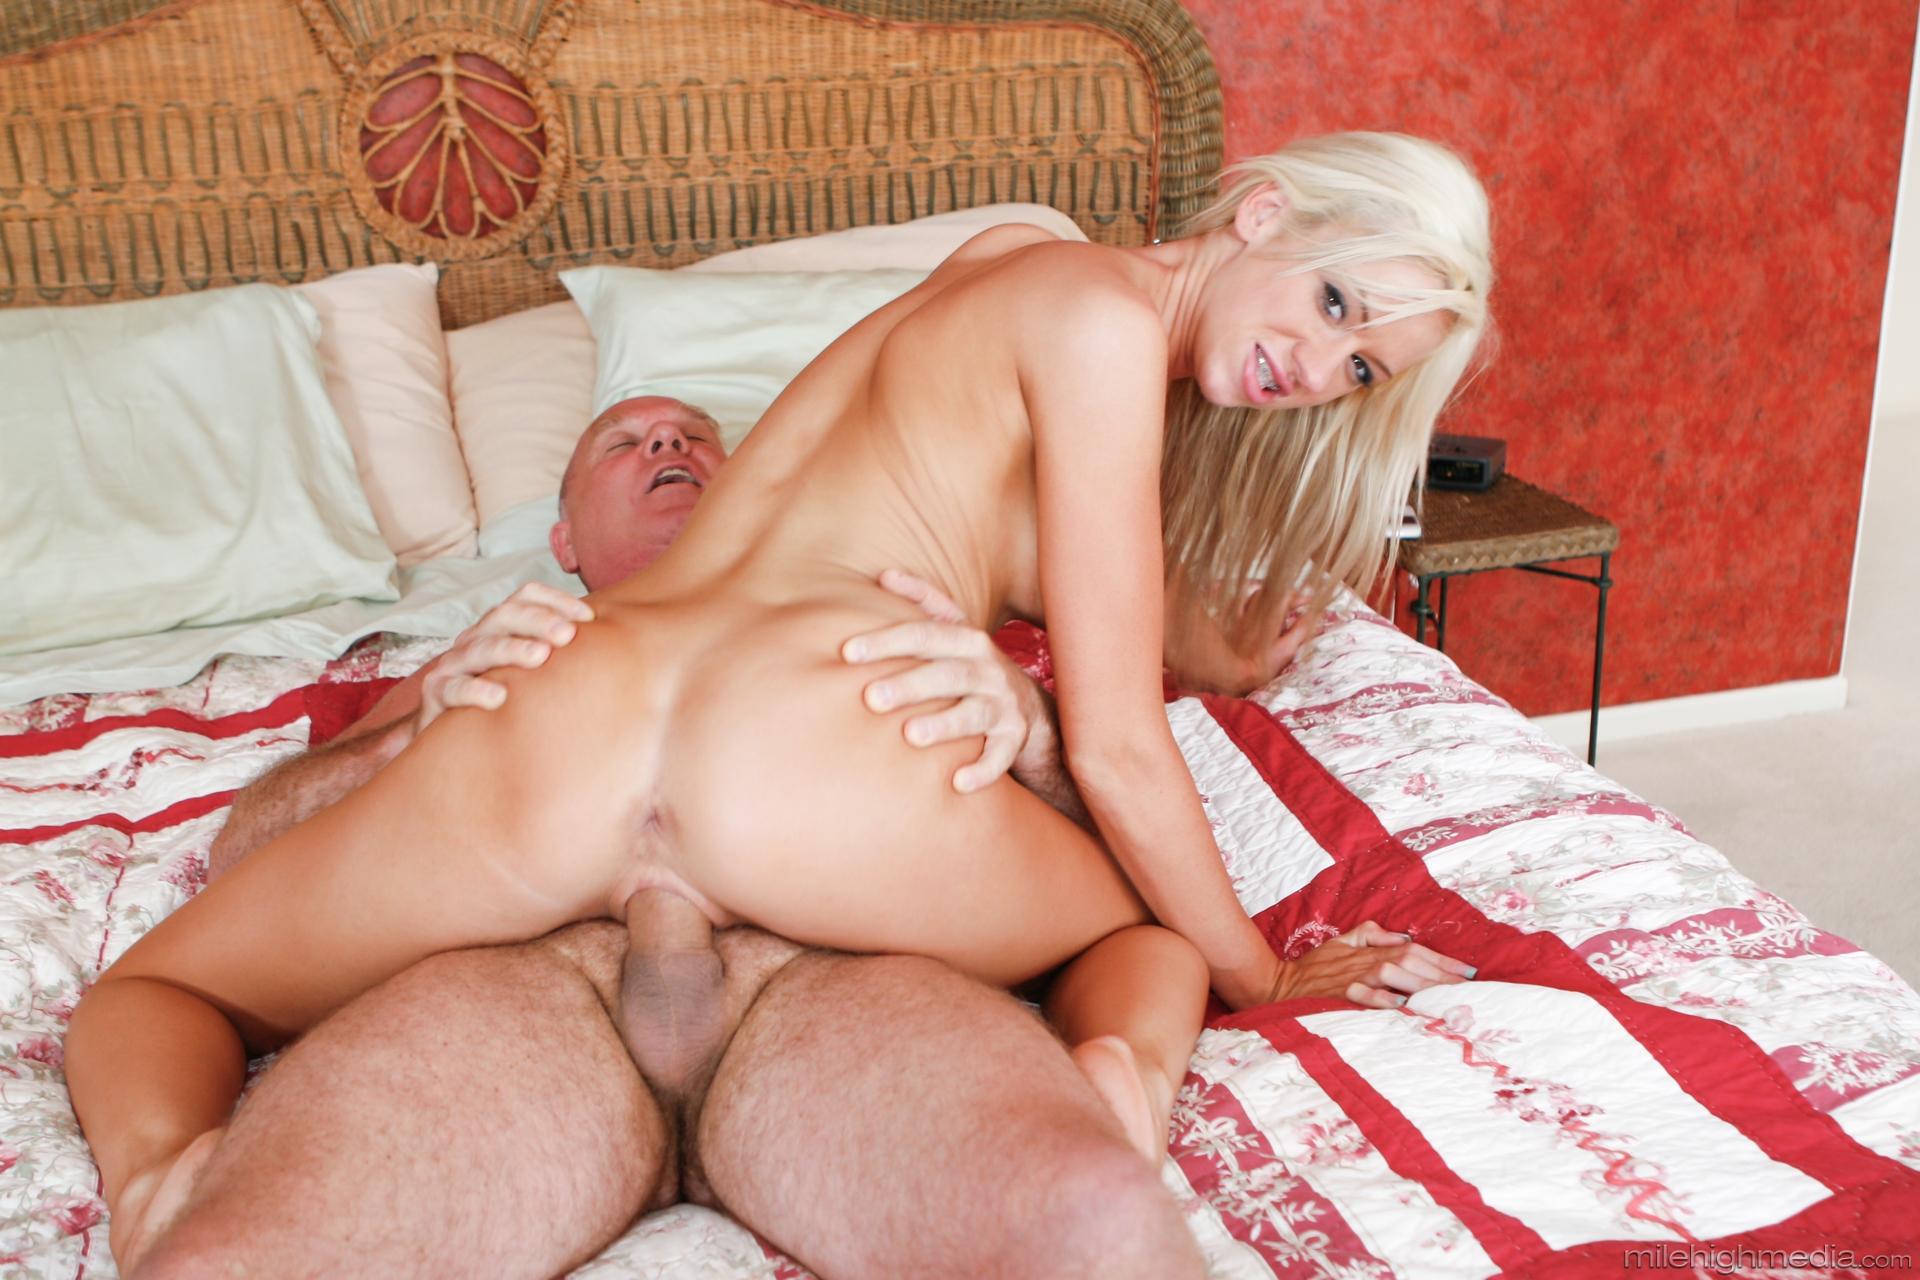 Nude girl celebrity photo paris hilton